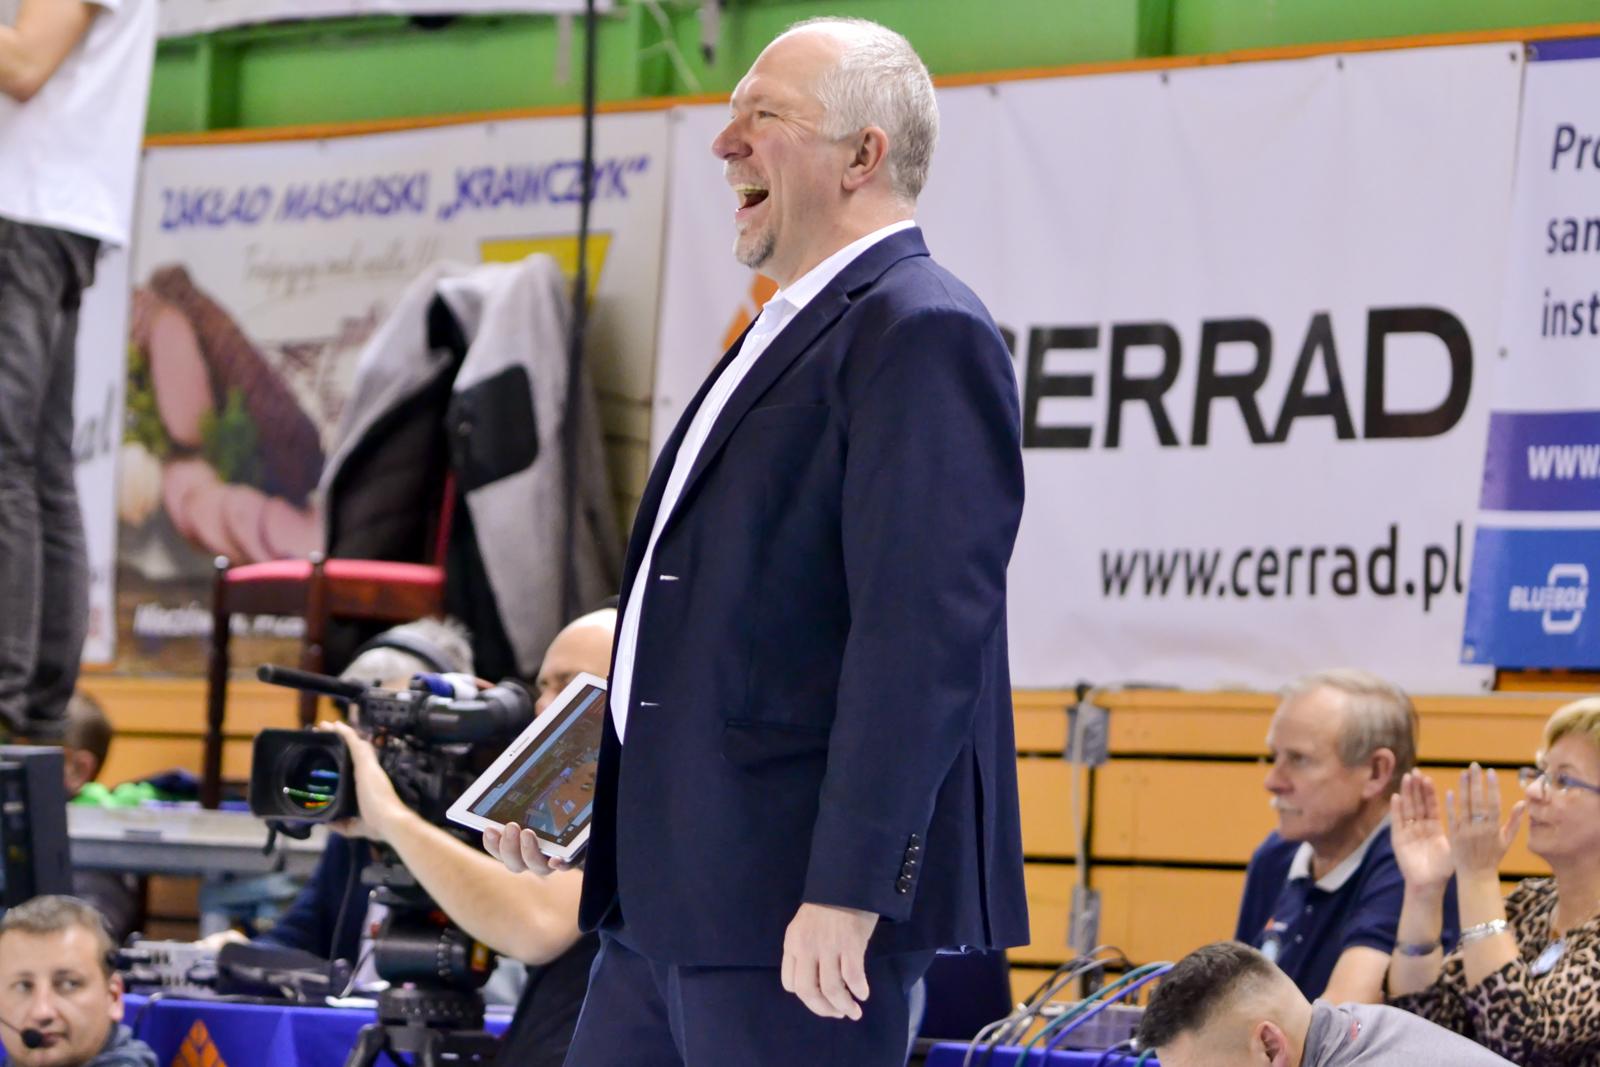 53 - Mark Lebedew